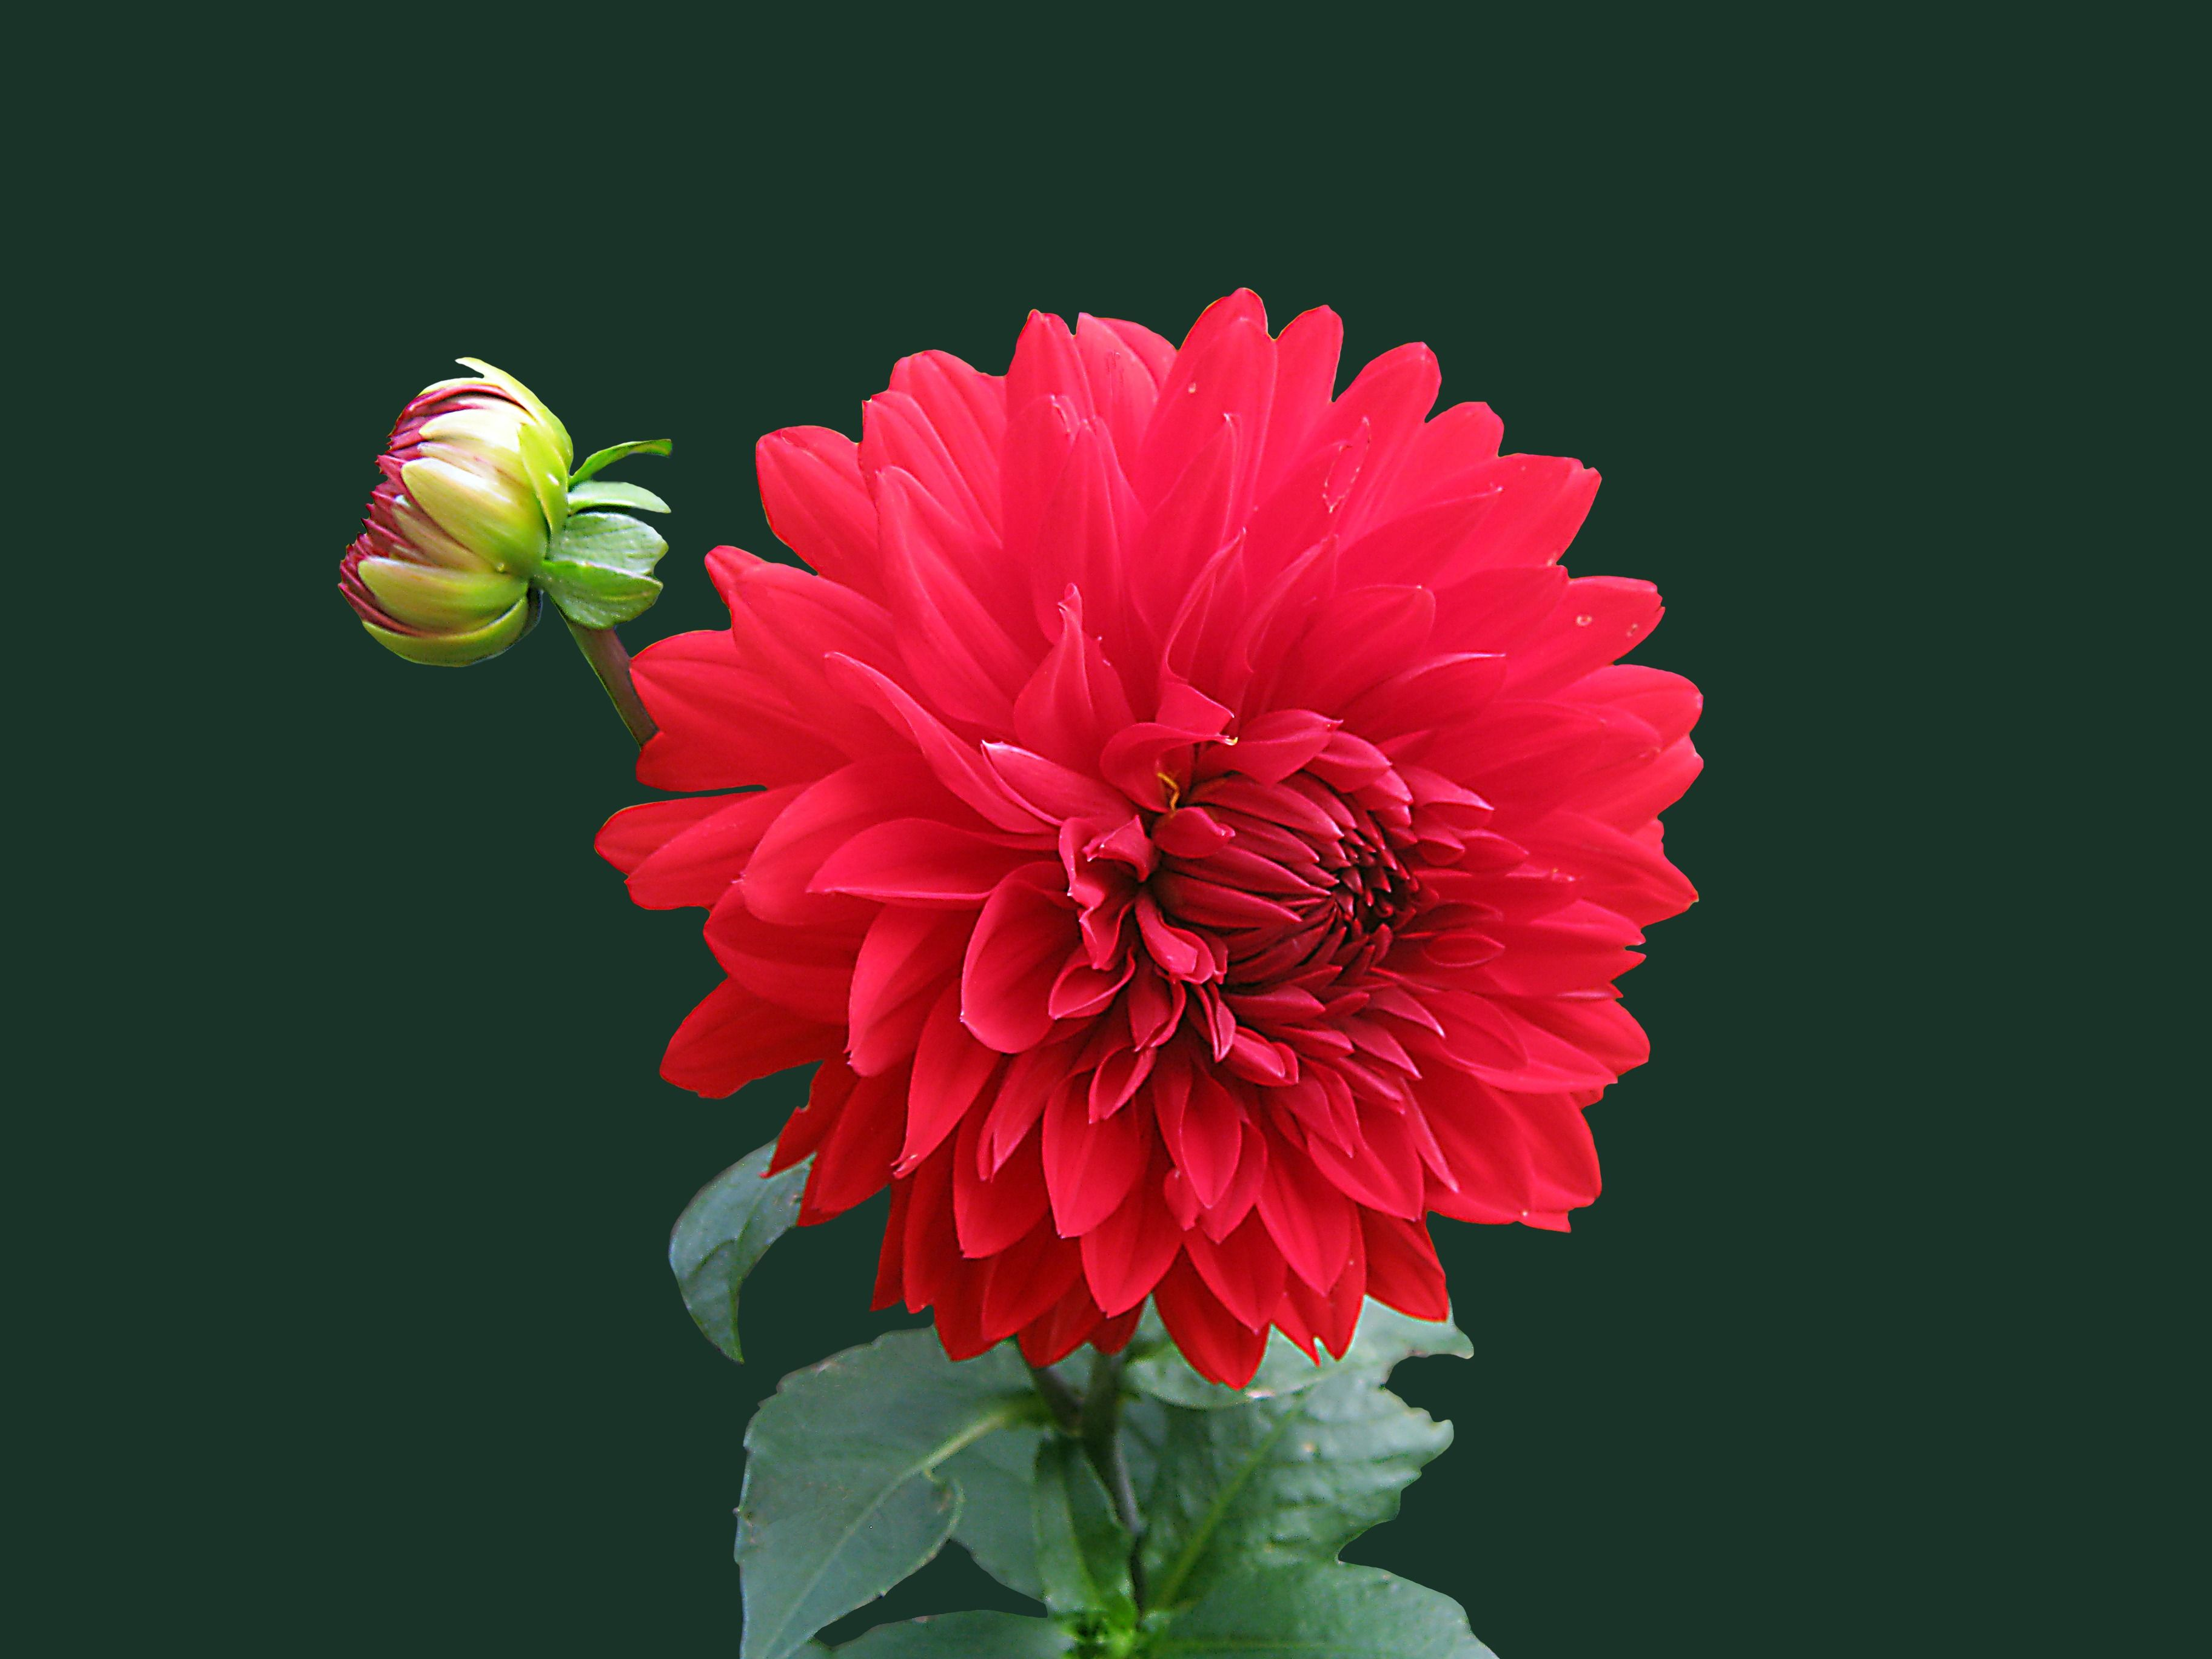 Single Post Flower Wallpaper Red Flower Wallpaper Beautiful